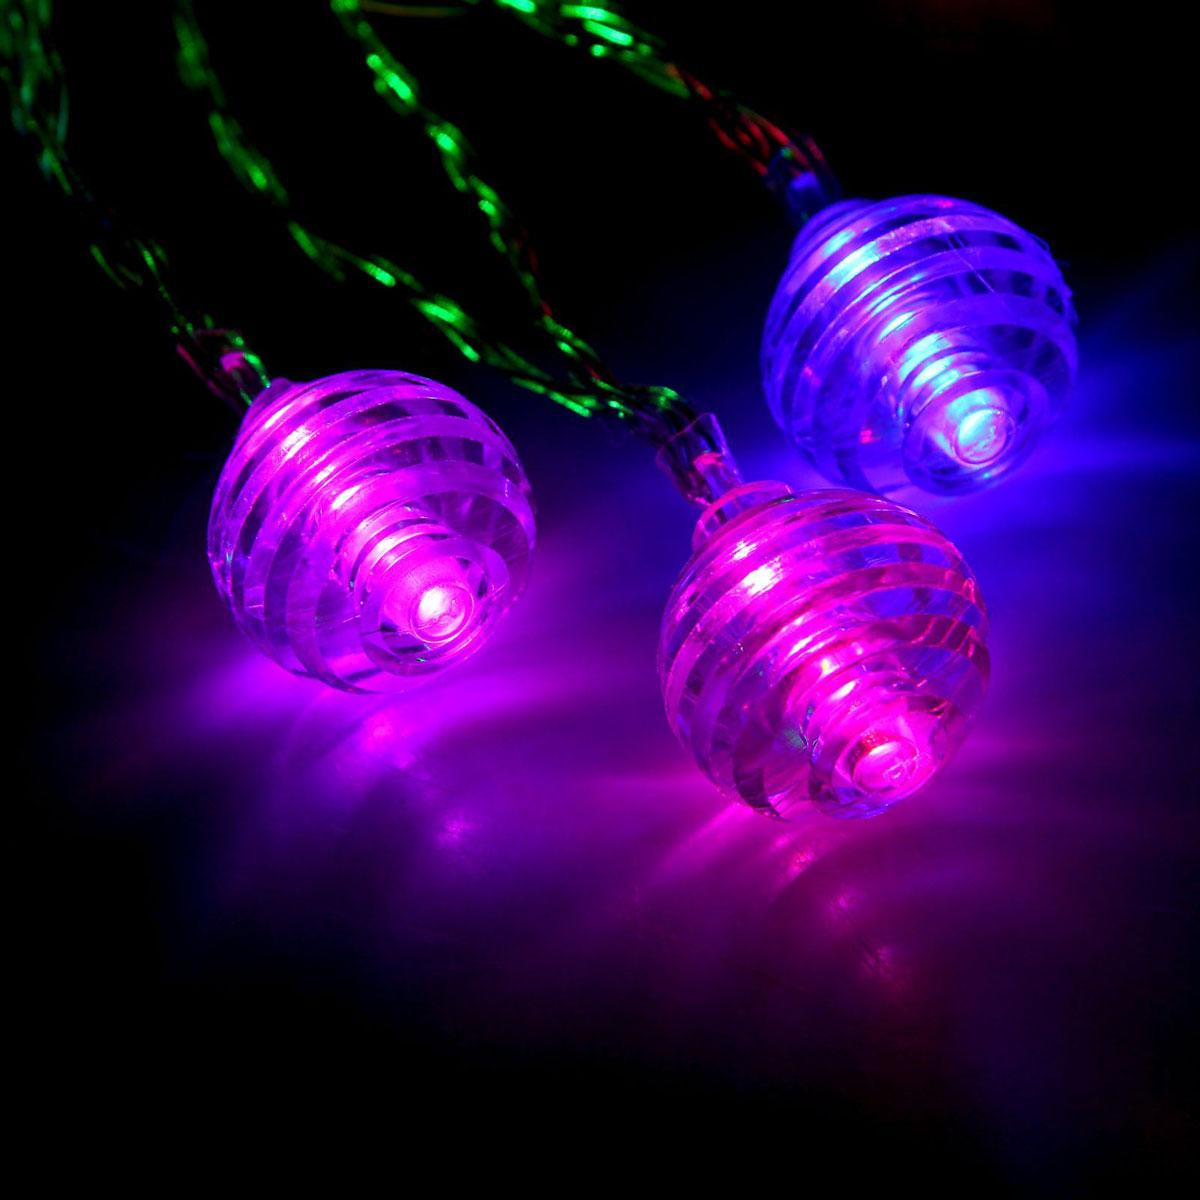 Гирлянда светодиодная Luazon Метраж. Космос, 20 ламп, 5 V, длина 3 м1080380Светодиодные гирлянды и ленты — это отличный вариант для новогоднего оформления интерьера или фасада. С их помощью помещение любого размера можно превратить в праздничный зал, а внешние элементы зданий, украшенные ими, мгновенно станут напоминать очертания сказочного дворца. Такие украшения создают ауру предвкушения чуда. Деревья, фасады, витрины, окна и арки будто специально созданы, чтобы вы украсили их светящимися нитями.